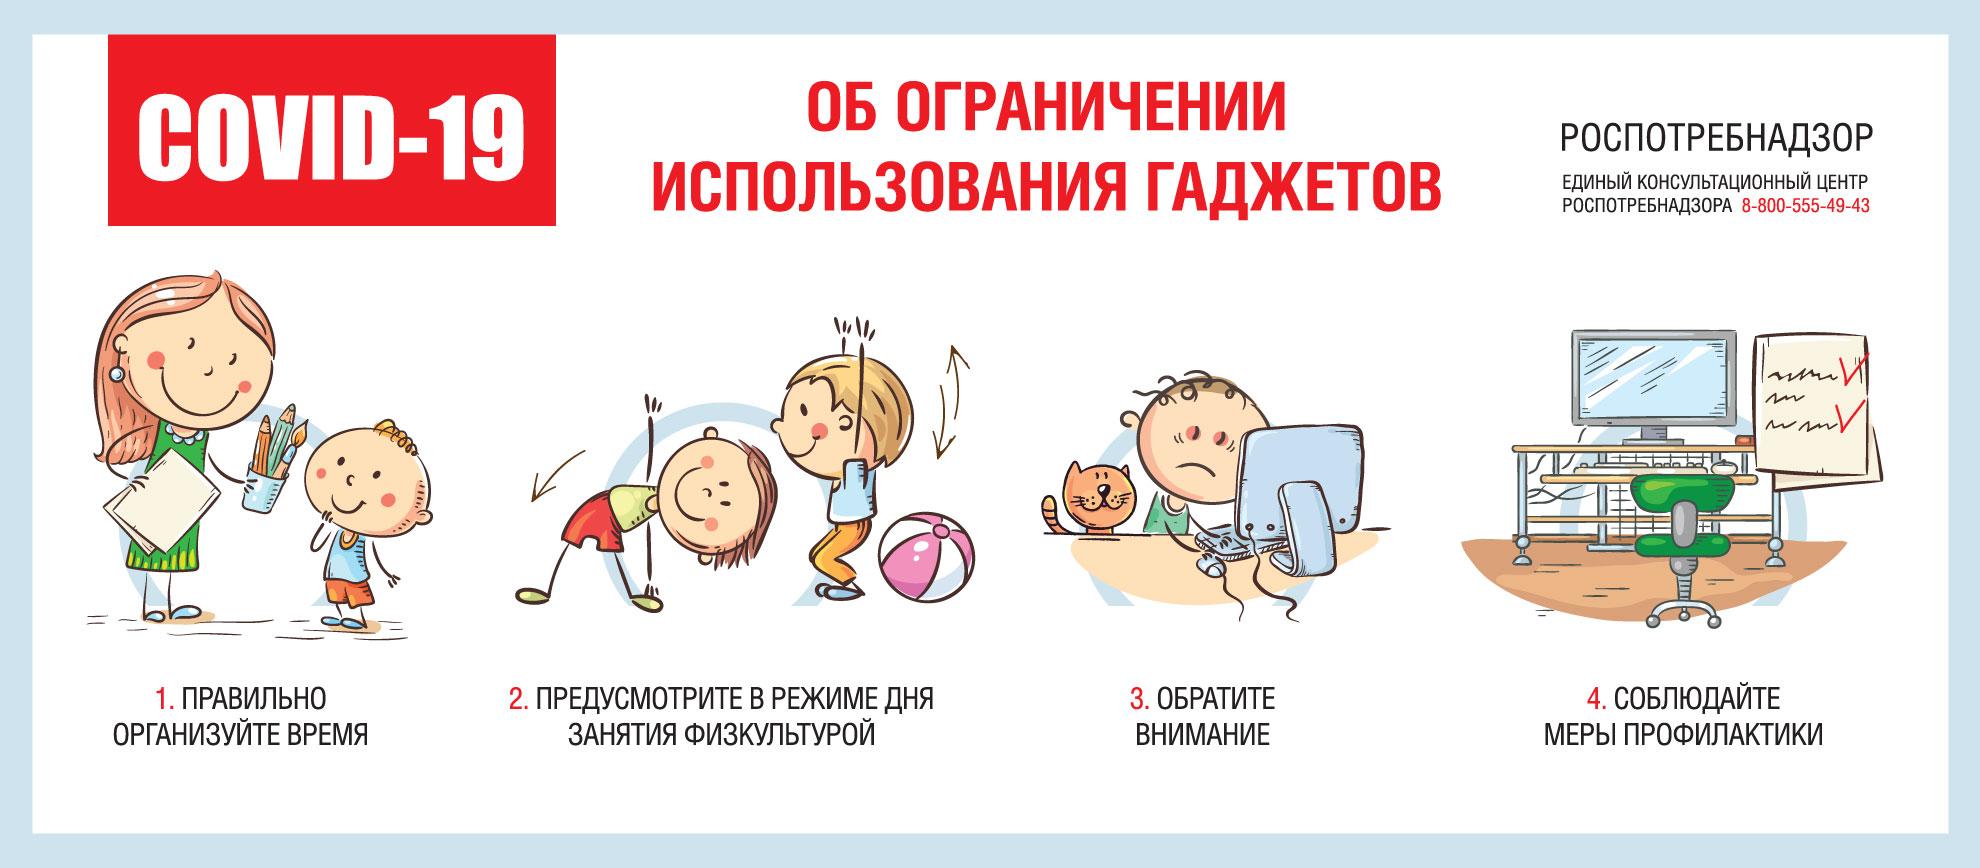 В Тверской области обнаружены 27 новых случаев заражения коронавирусом